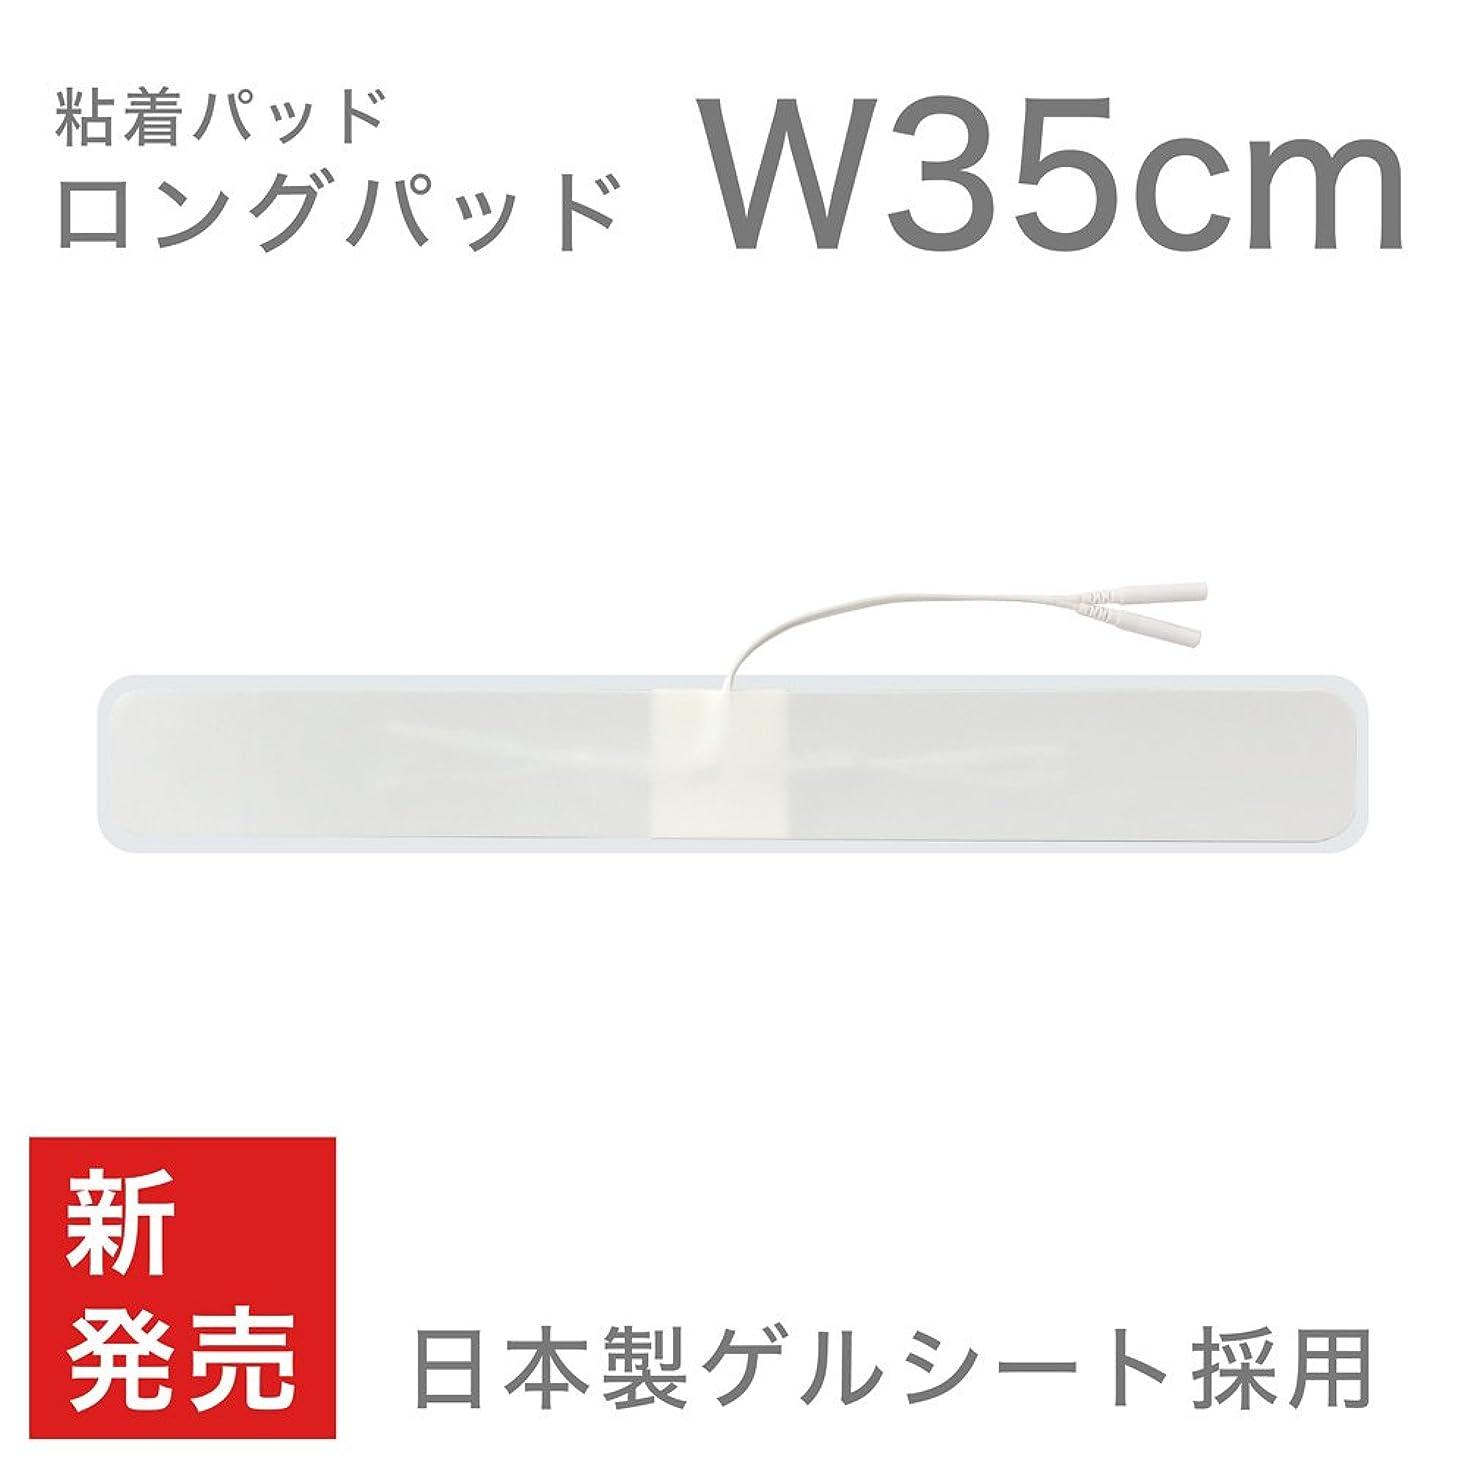 技術的な重量シールドTOP TOUCH 粘着パッド ロングパッド 4x35cm【日本製高品質ゲルシート採用】